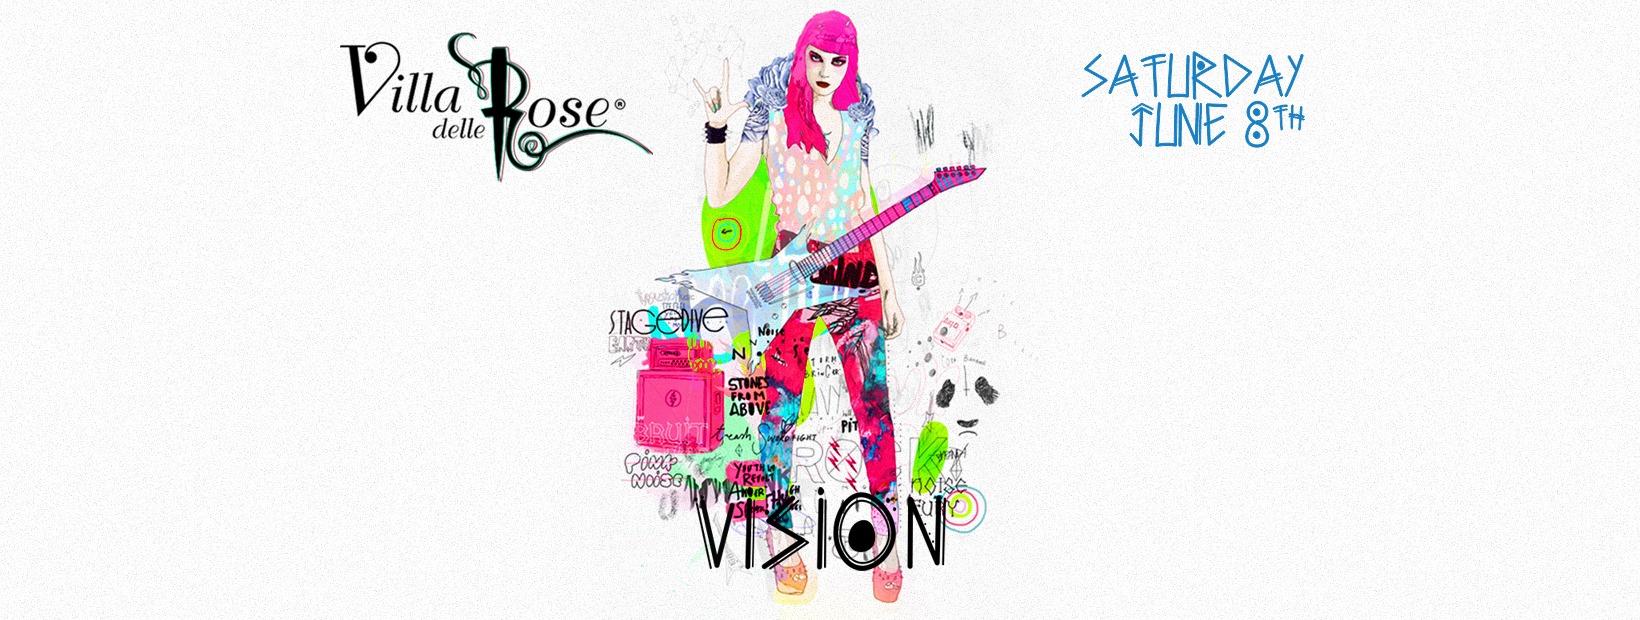 Vision villa delle rose riccione sabato 9 giugno